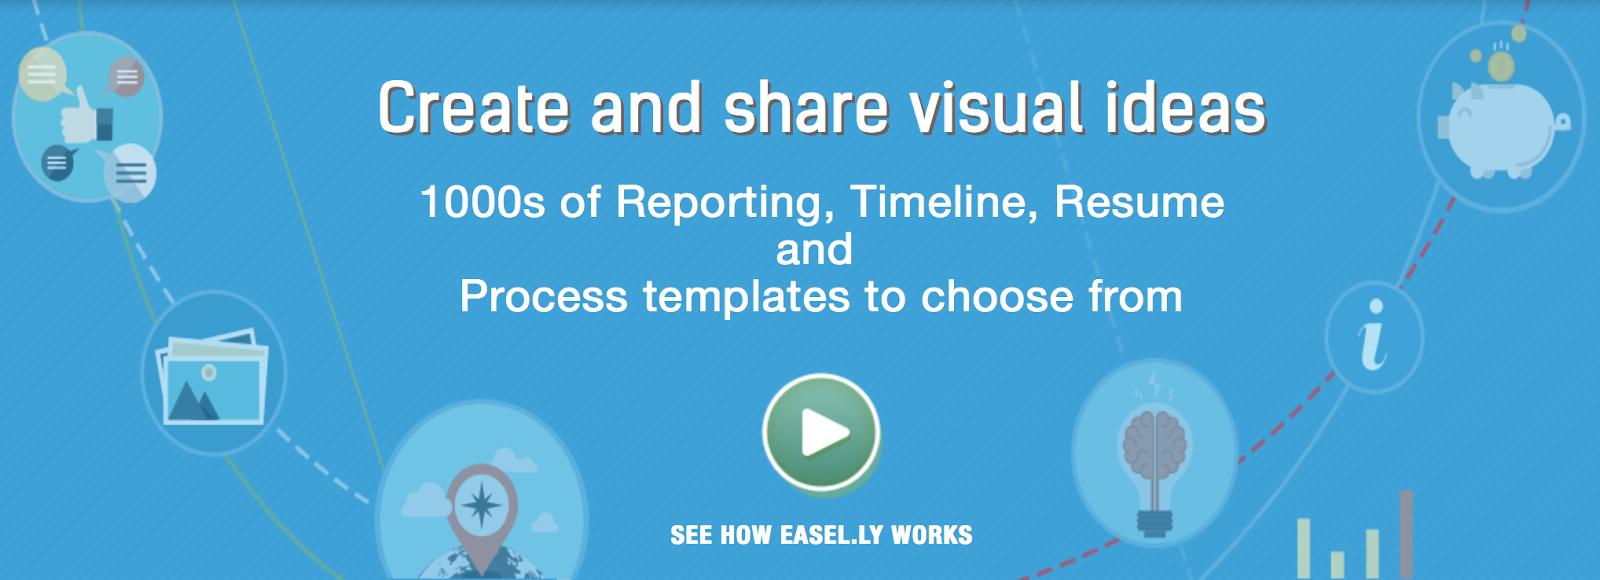 27 бесплатных сервисов для создания визуального контента без дизайнера - 8